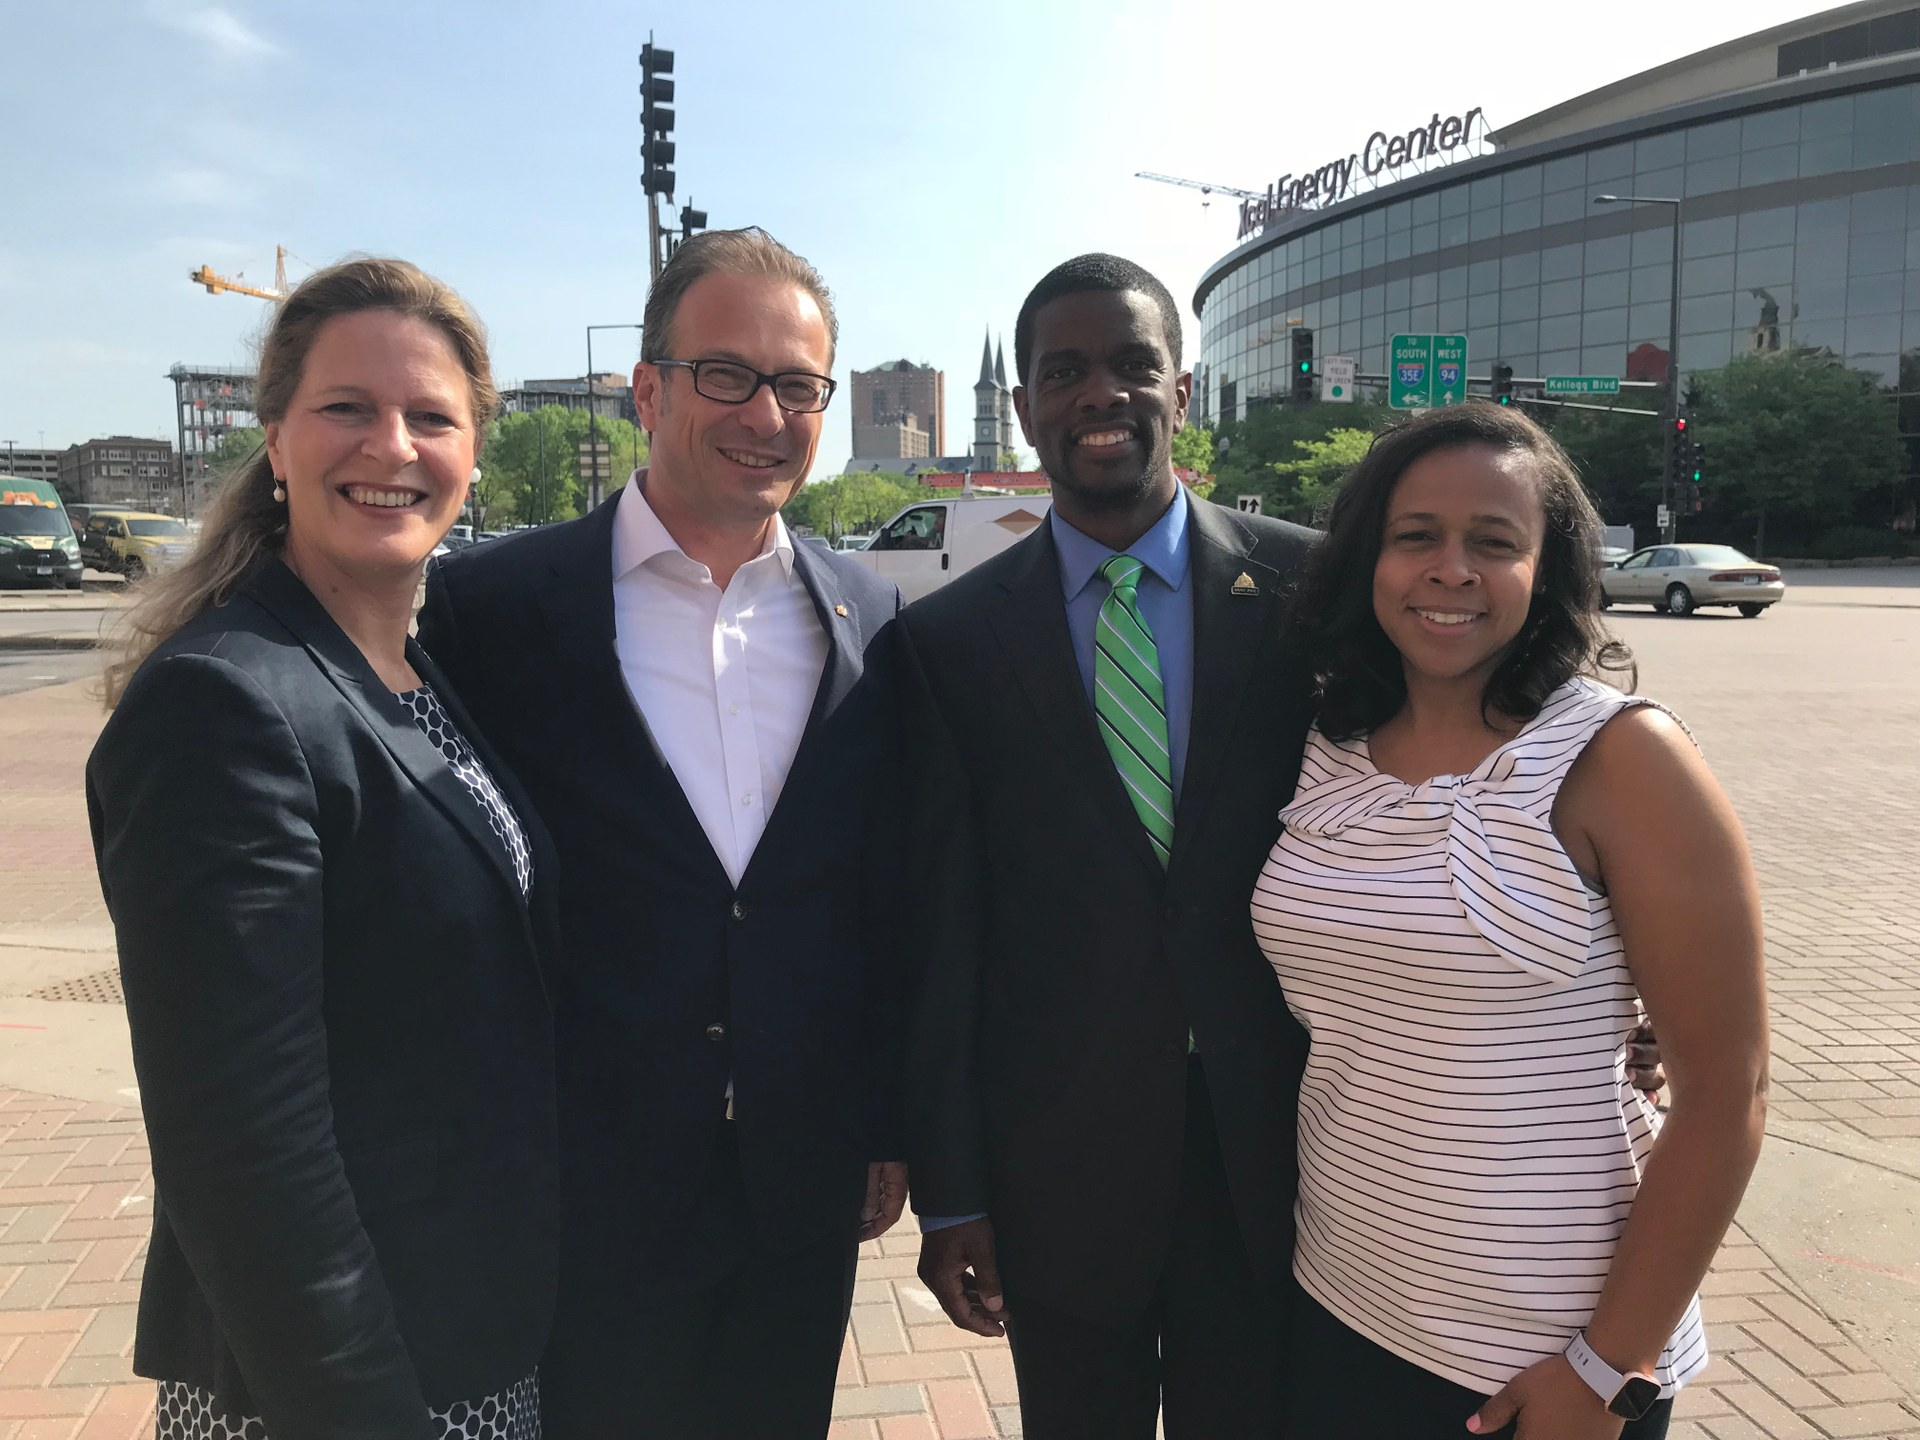 Bürgermeister Reiner Breuer und seine Frau Ute Breuer (l.) trafen am ersten Morgen ihres Besuchs in Saint Paul Bürgermeister Melvin Carter und dessen Frau Sakeena Futrell Carter.